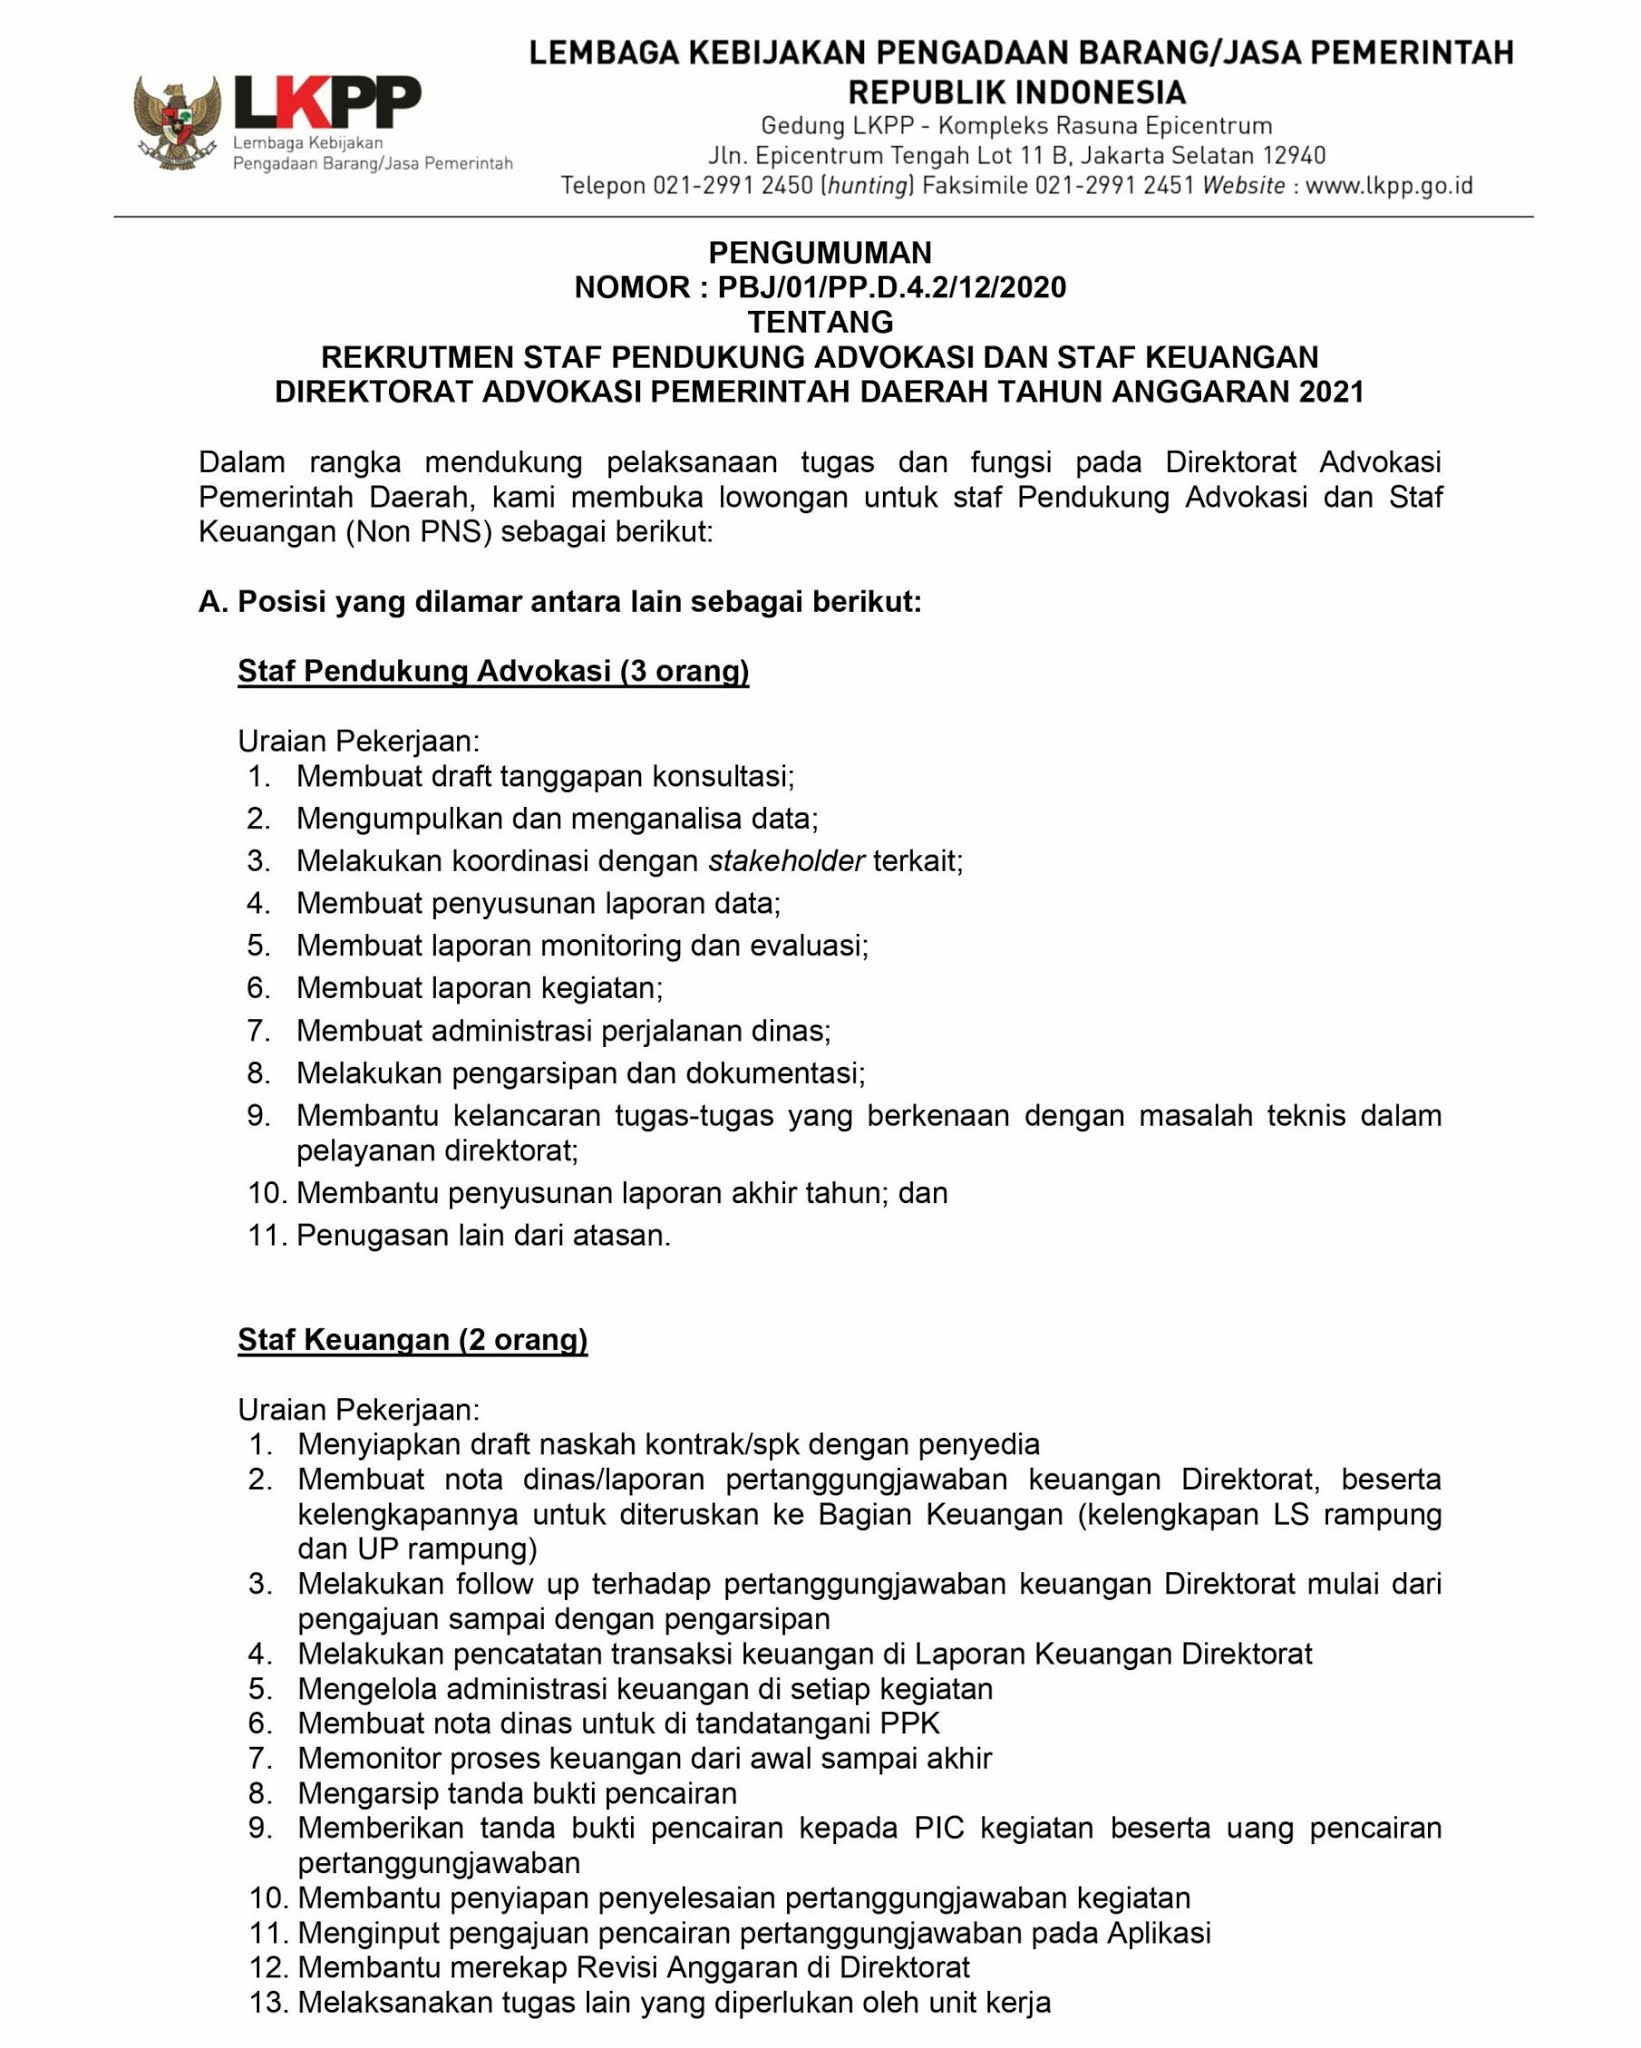 Lowongan Kerja Direktorat Advokasi Pemerintah Daerah LKPP